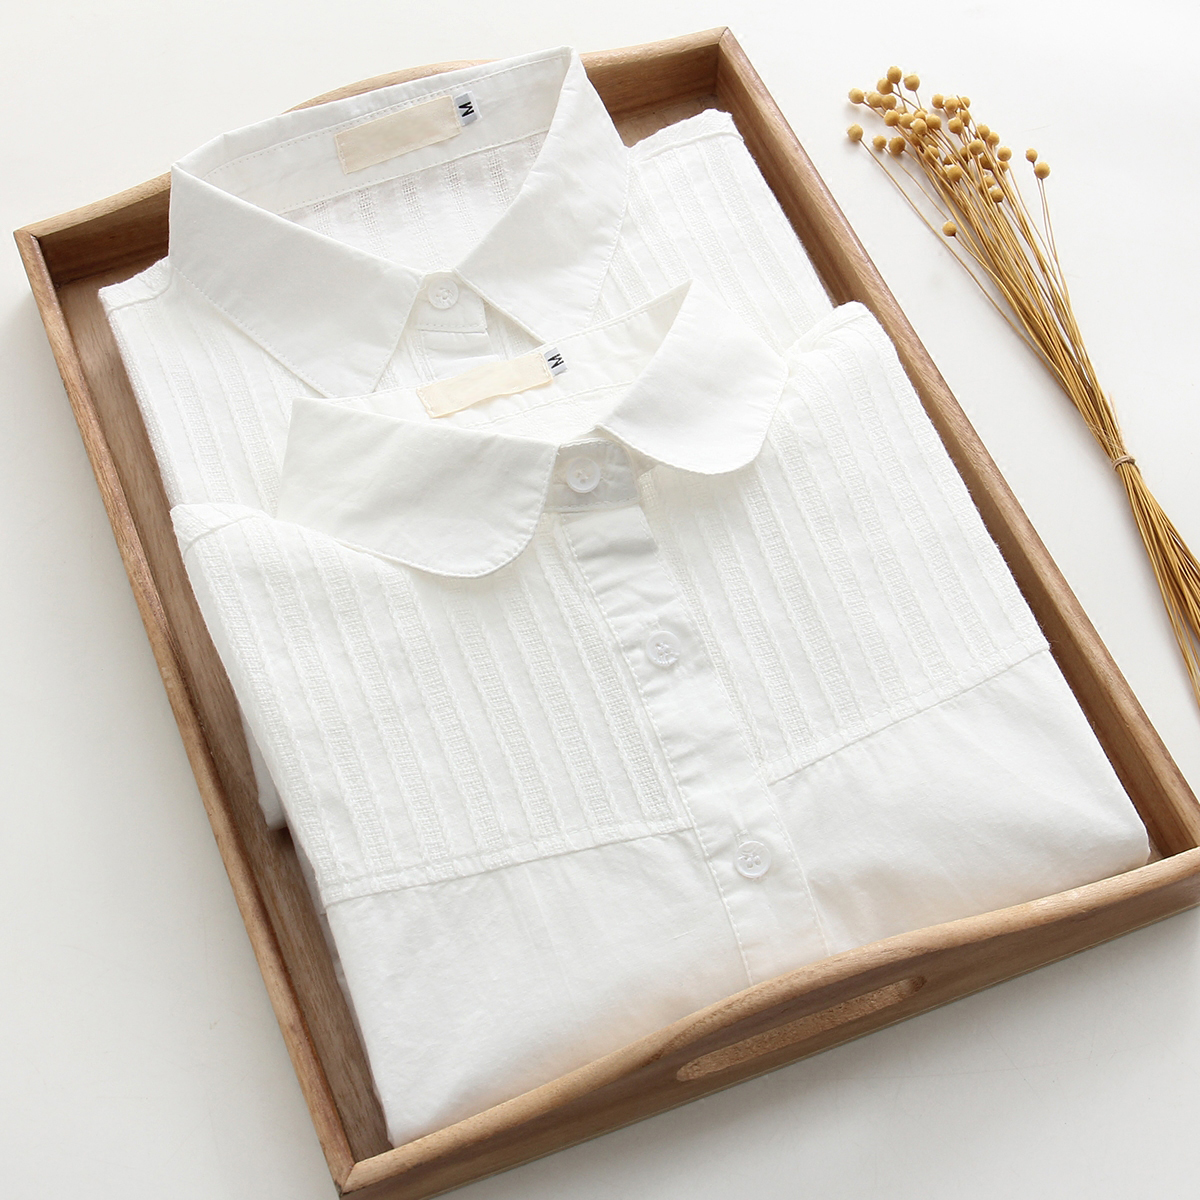 2021秋季新款娃娃领纯棉白色衬衫女长袖学生宽松百搭打底衬衣上衣